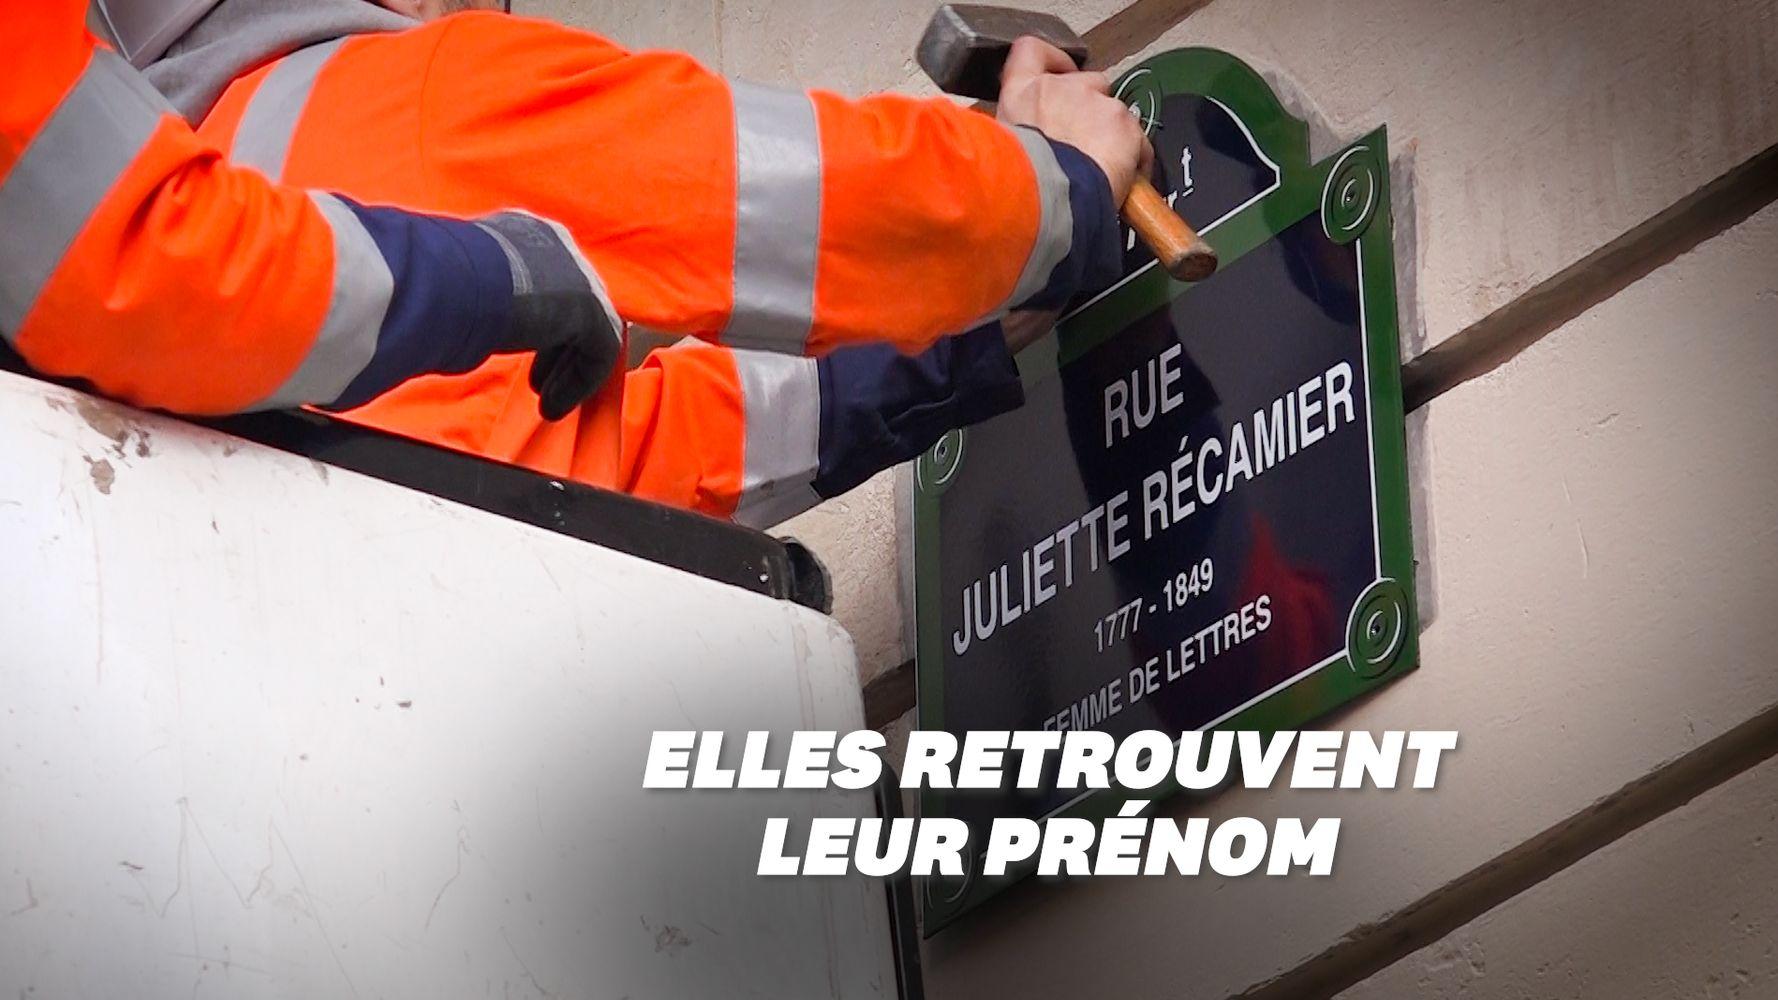 Sur cette plaque de rue à Paris, une femme illustre a retrouvé son prénom